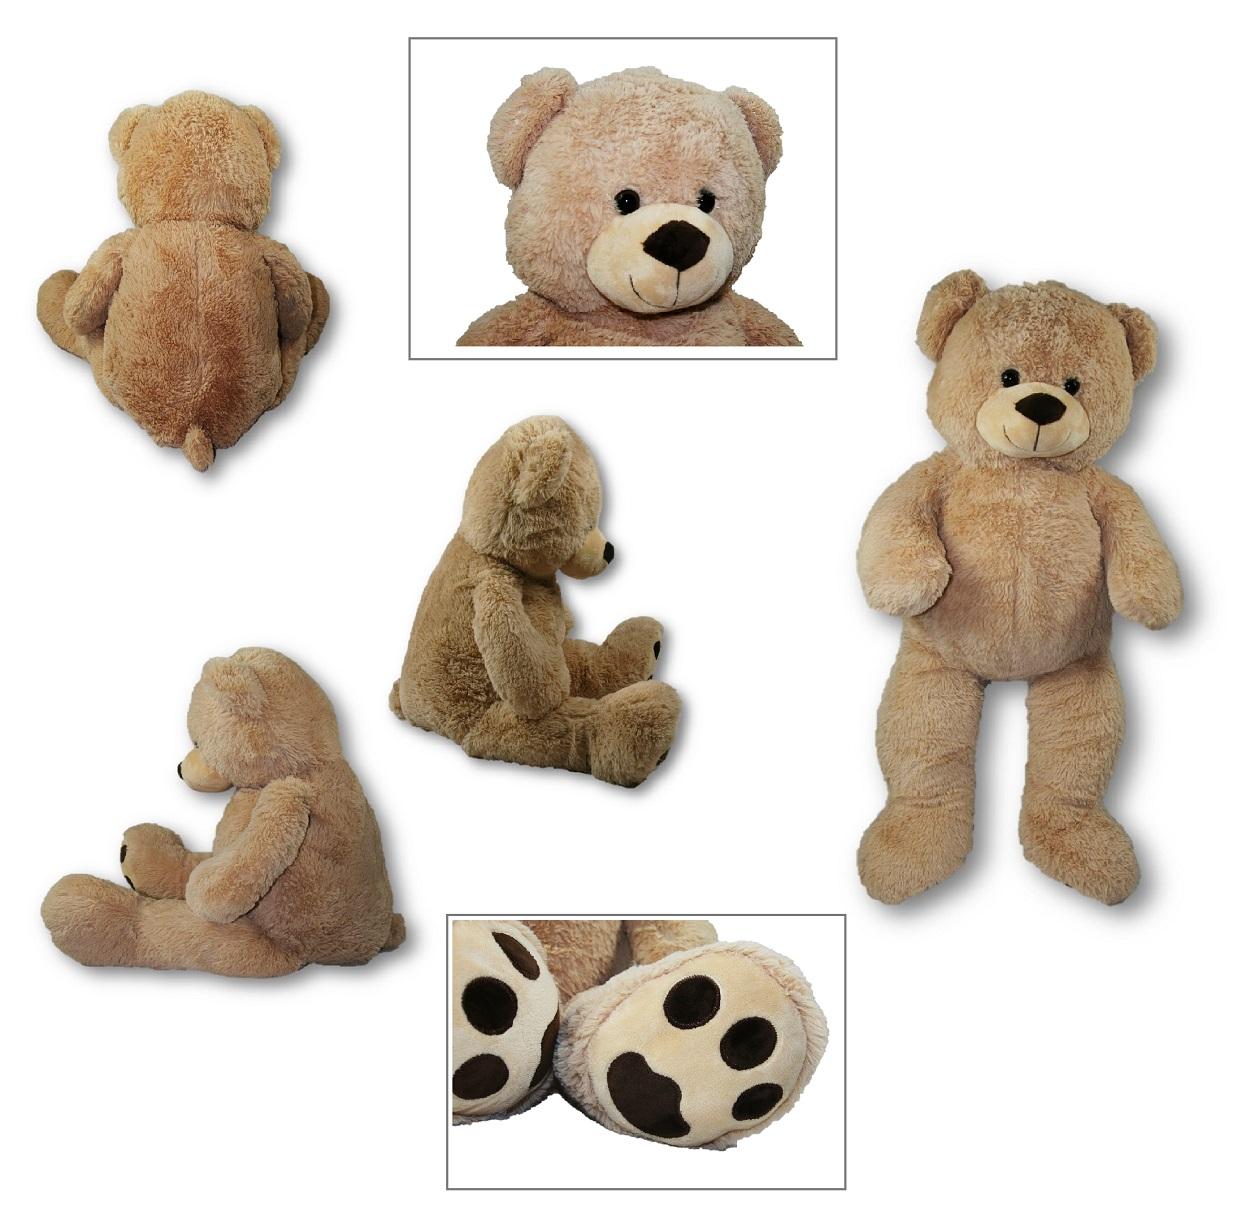 XXL Teddybär Bär 1m riesen groß Kuscheltier 100 cm Teddy Plüschtier ...